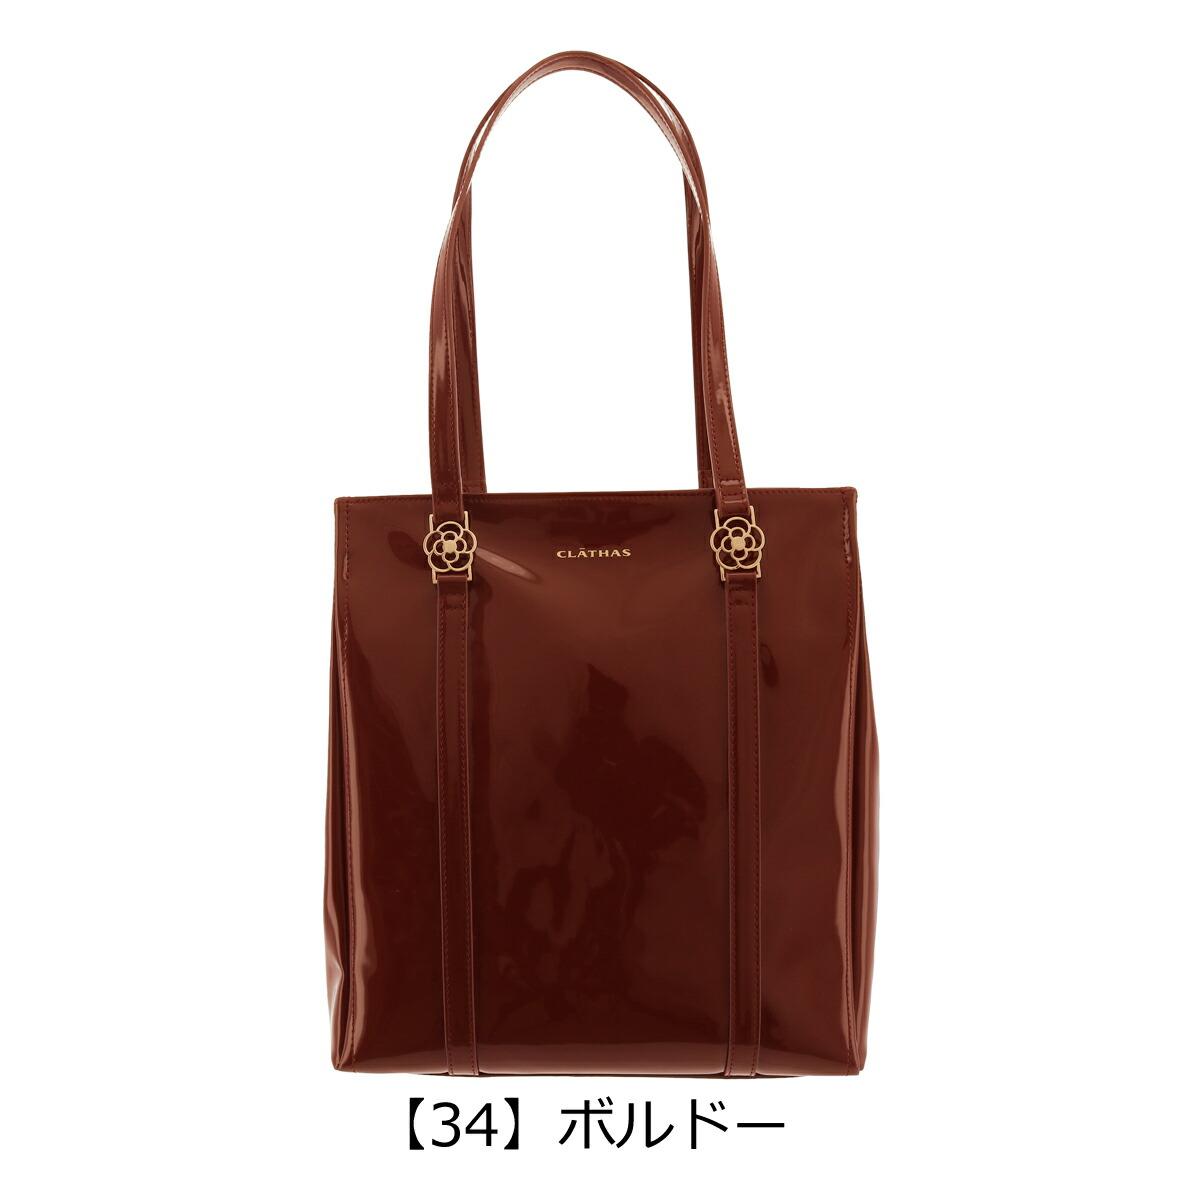 【34】ボルドー